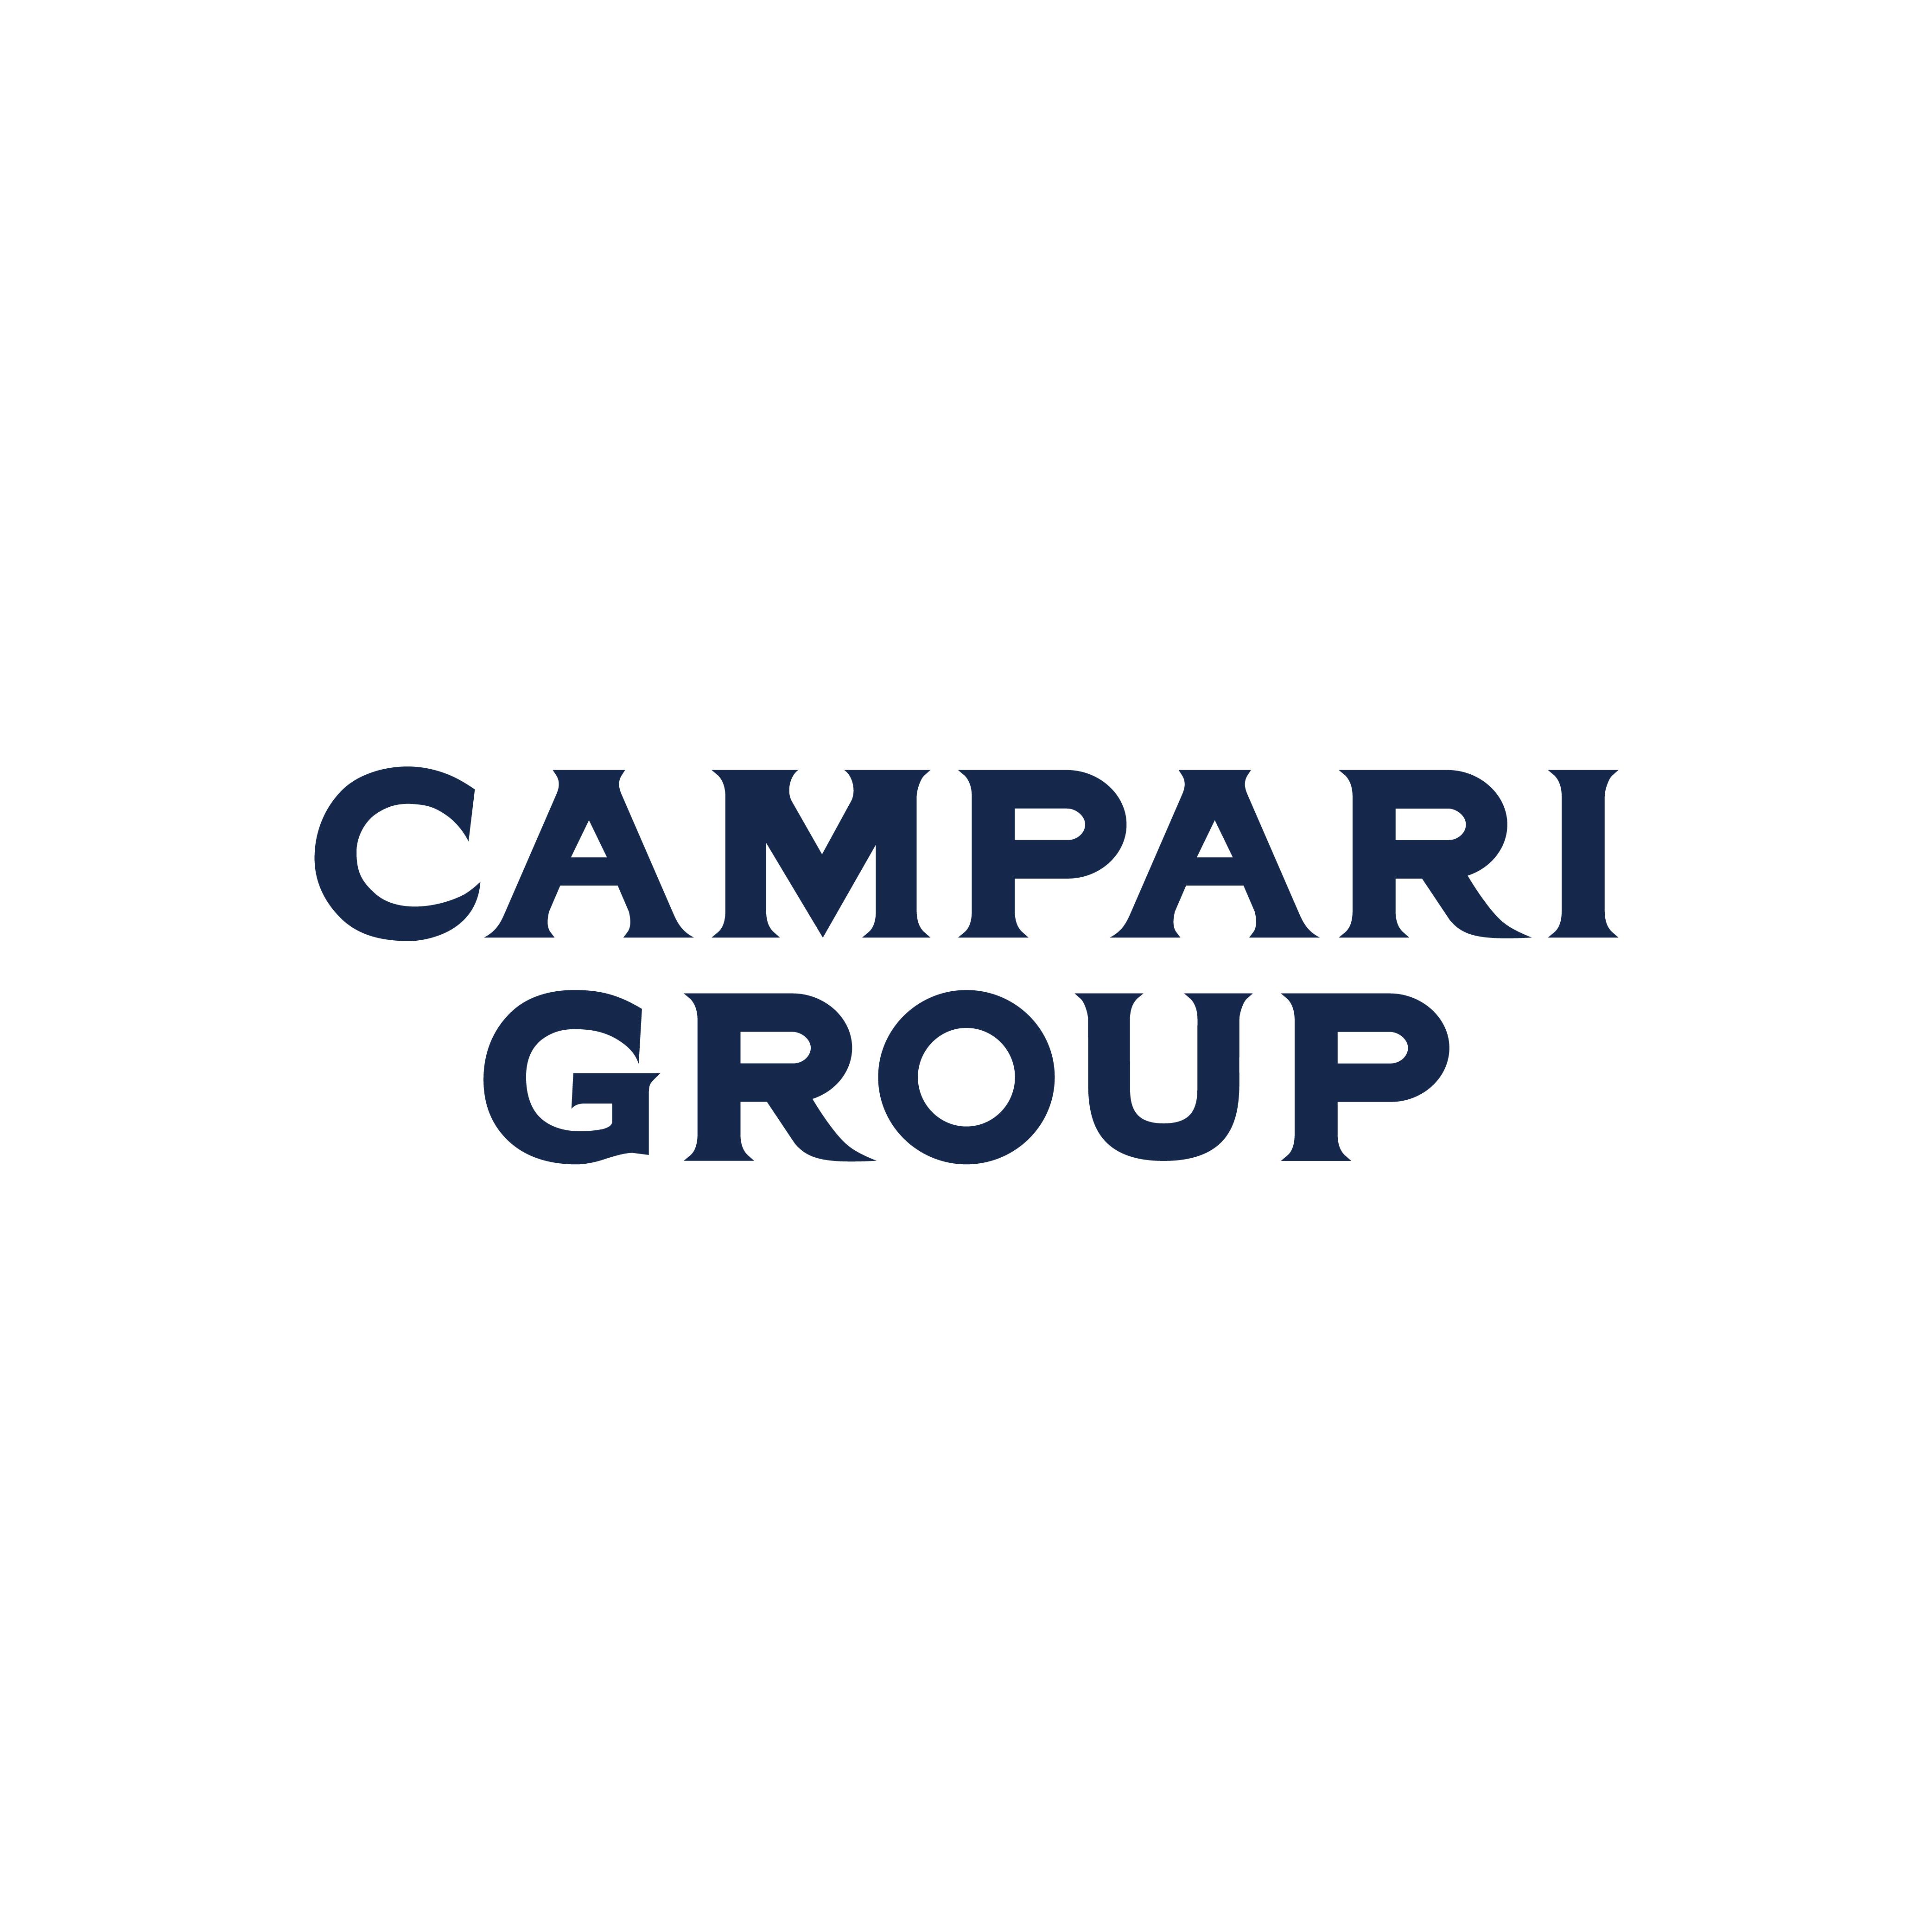 330d6381bd Campari Group è uno dei maggiori player a livello globale nel settore degli  spirit, con un portafoglio di oltre 50 marchi che si estendono fra brand a  ...